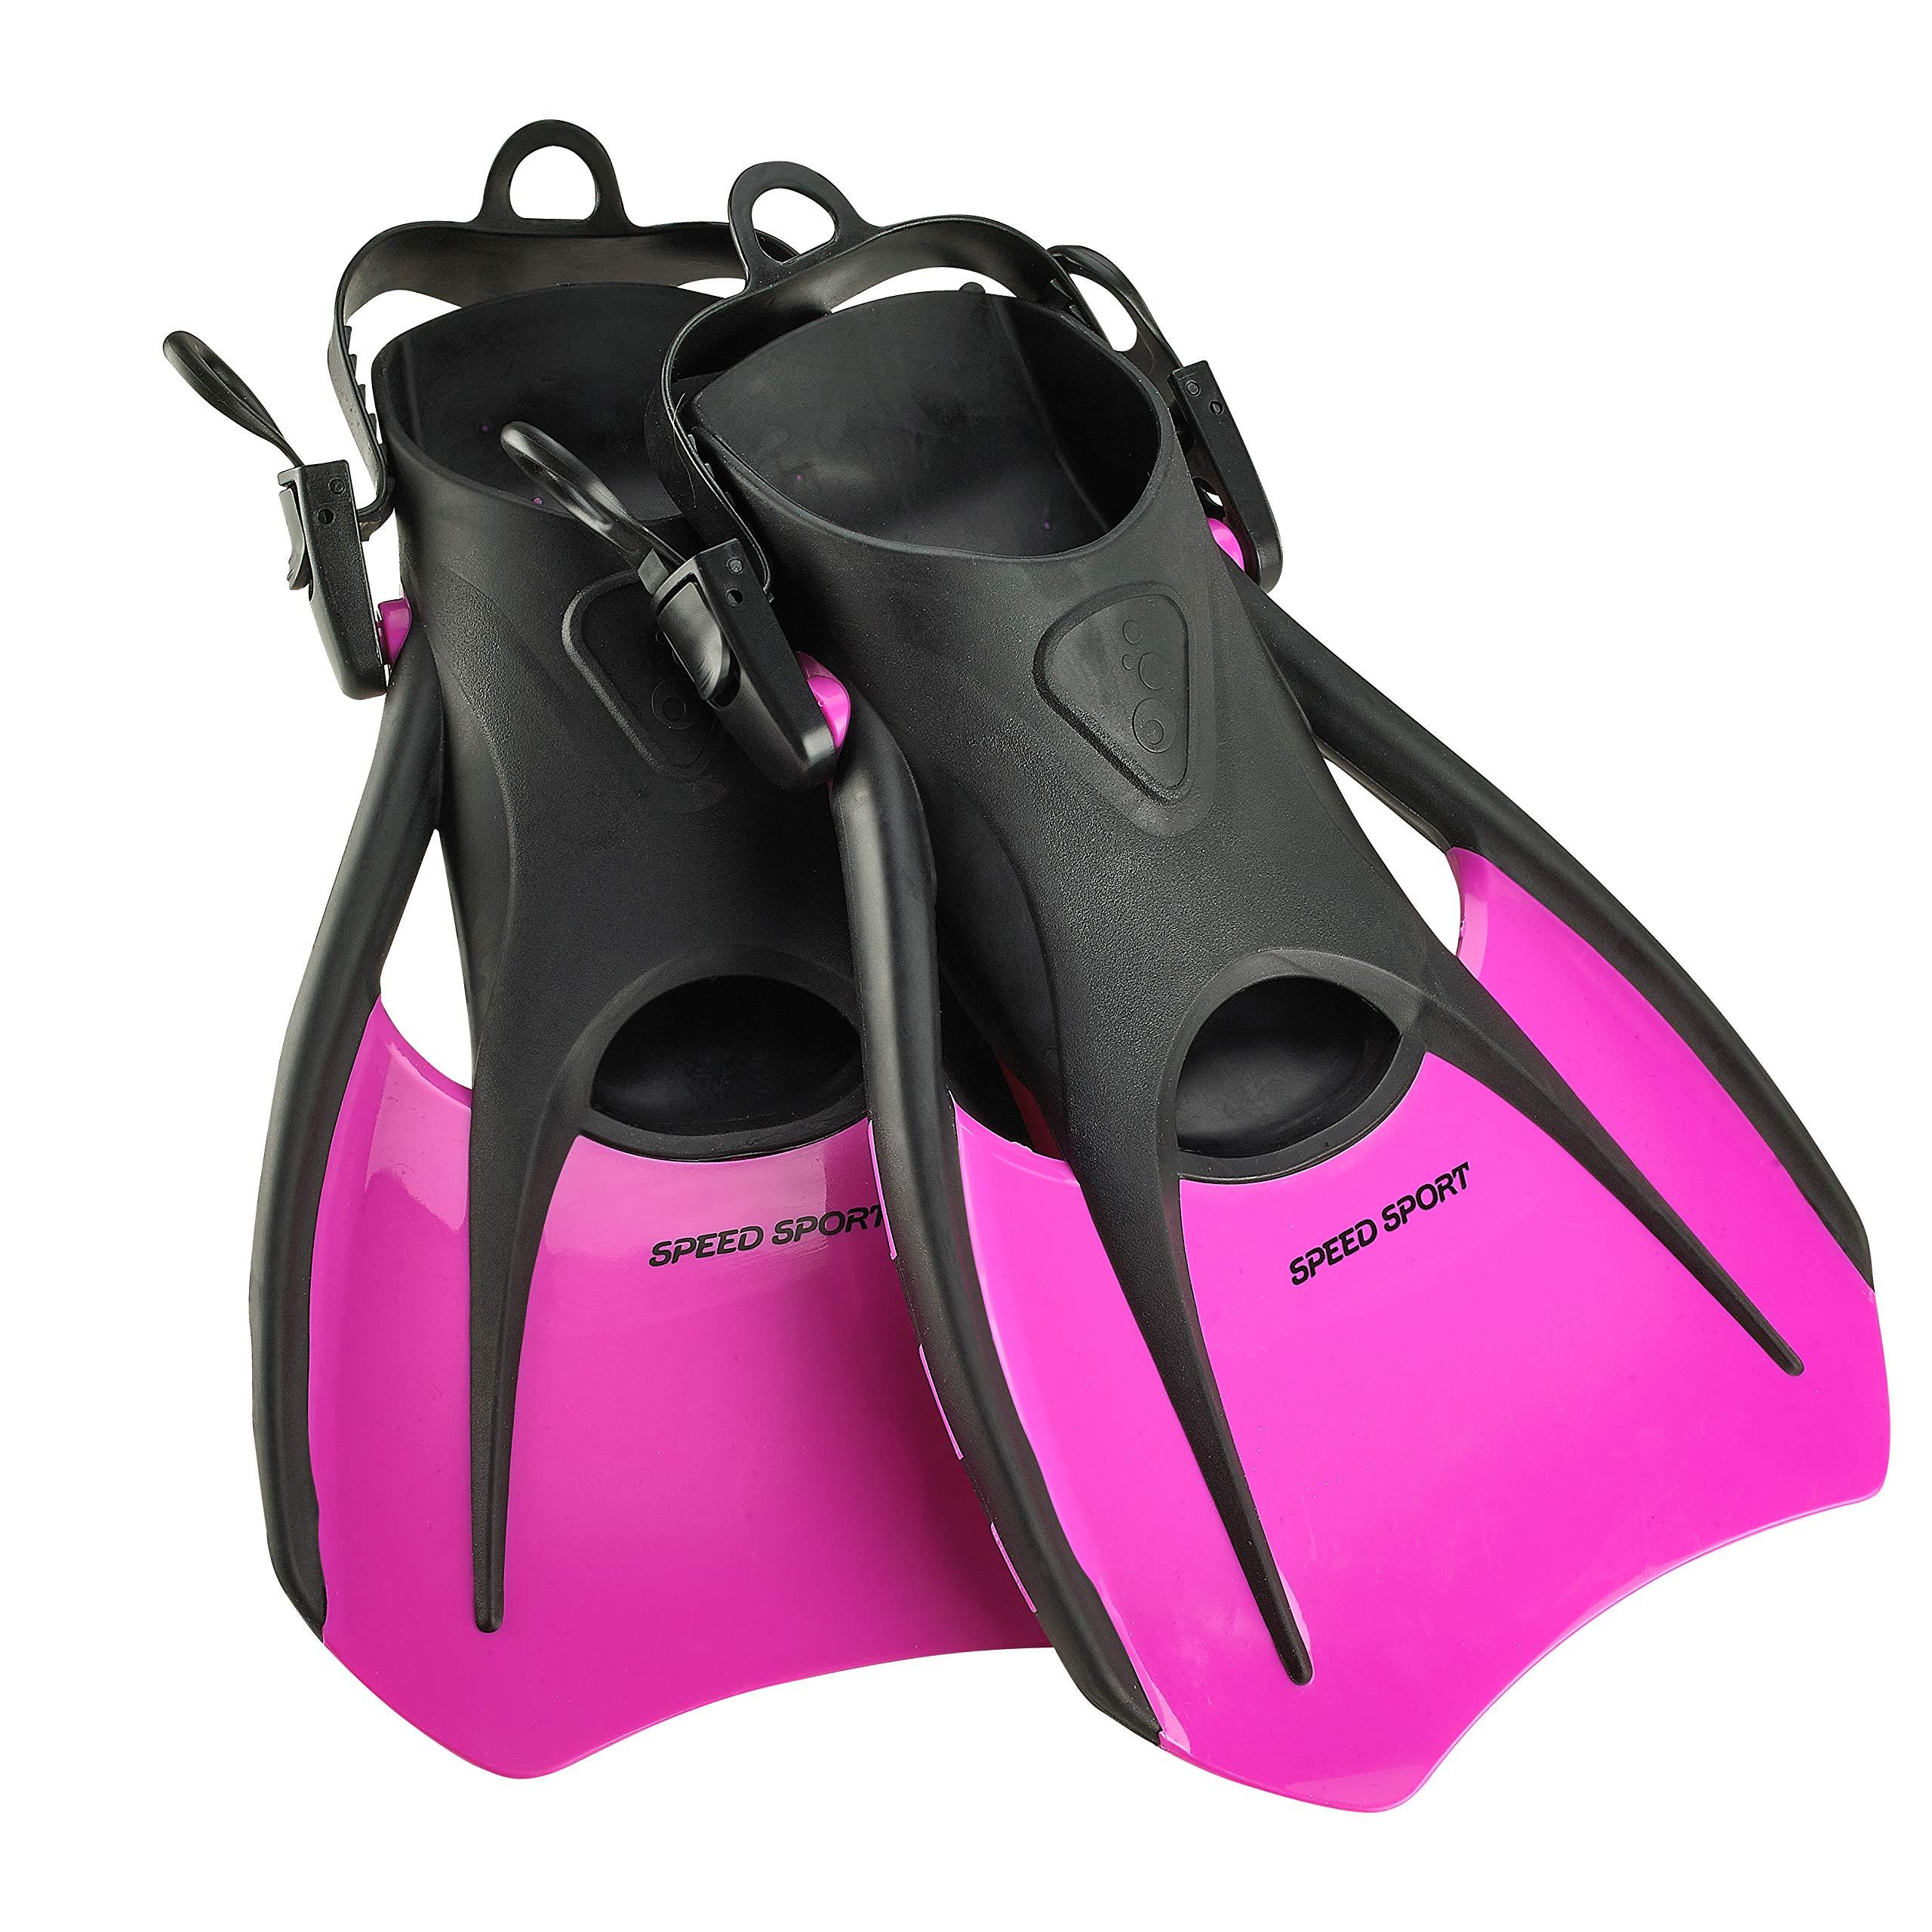 Phantom Aquatics Snorkeling Diving Fins - Open Heel Traveling Sport Fins - PK-SM by Phantom Aquatics